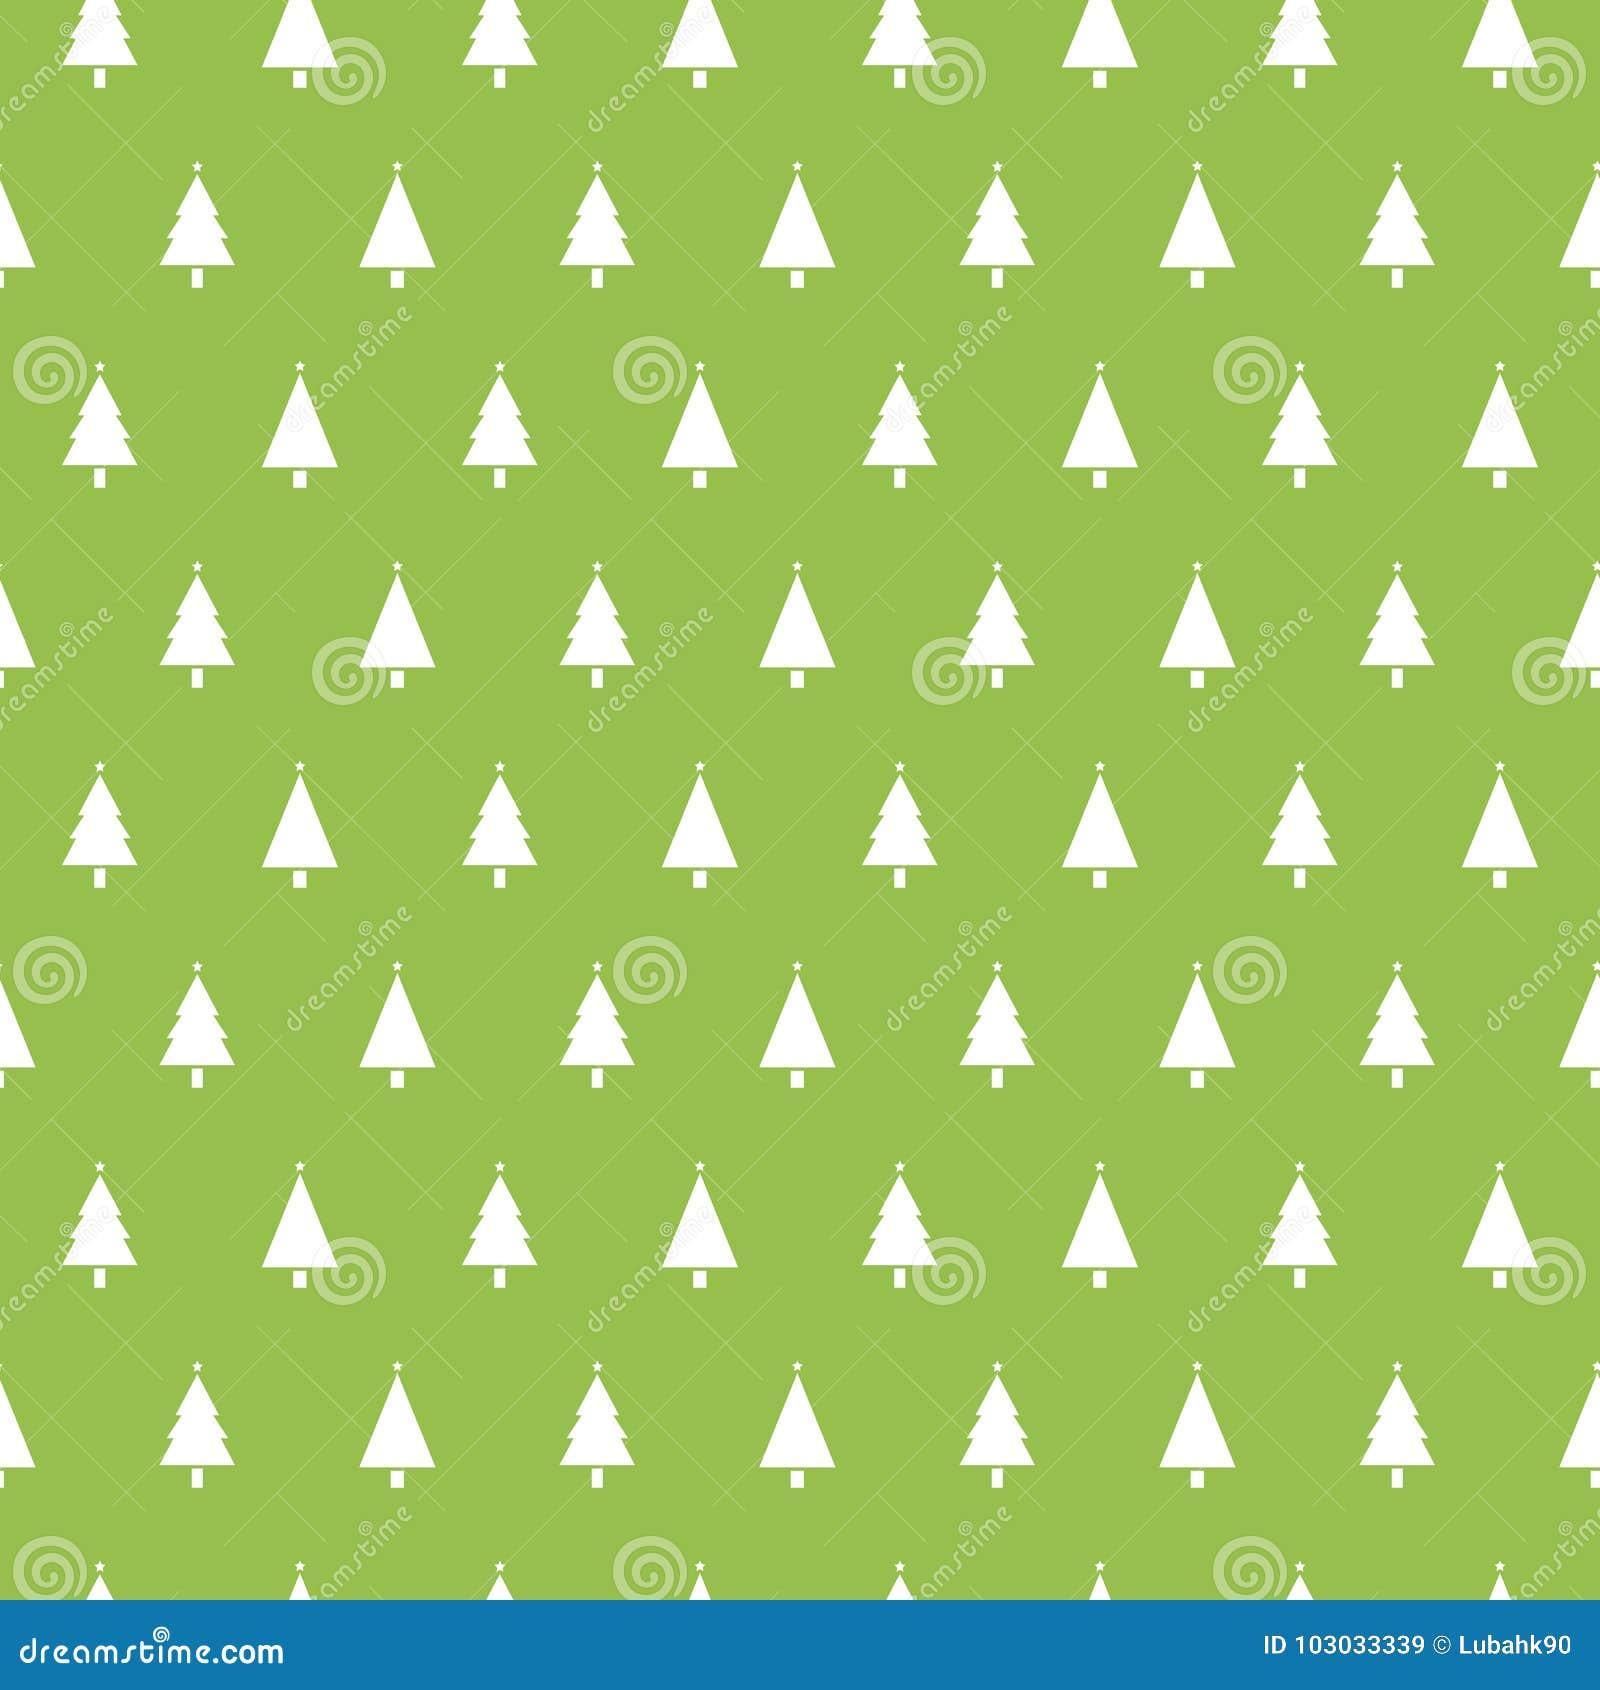 Modele Sans Couture De Noel Avec Des Arbres De Noel Sur Le Fond Vert